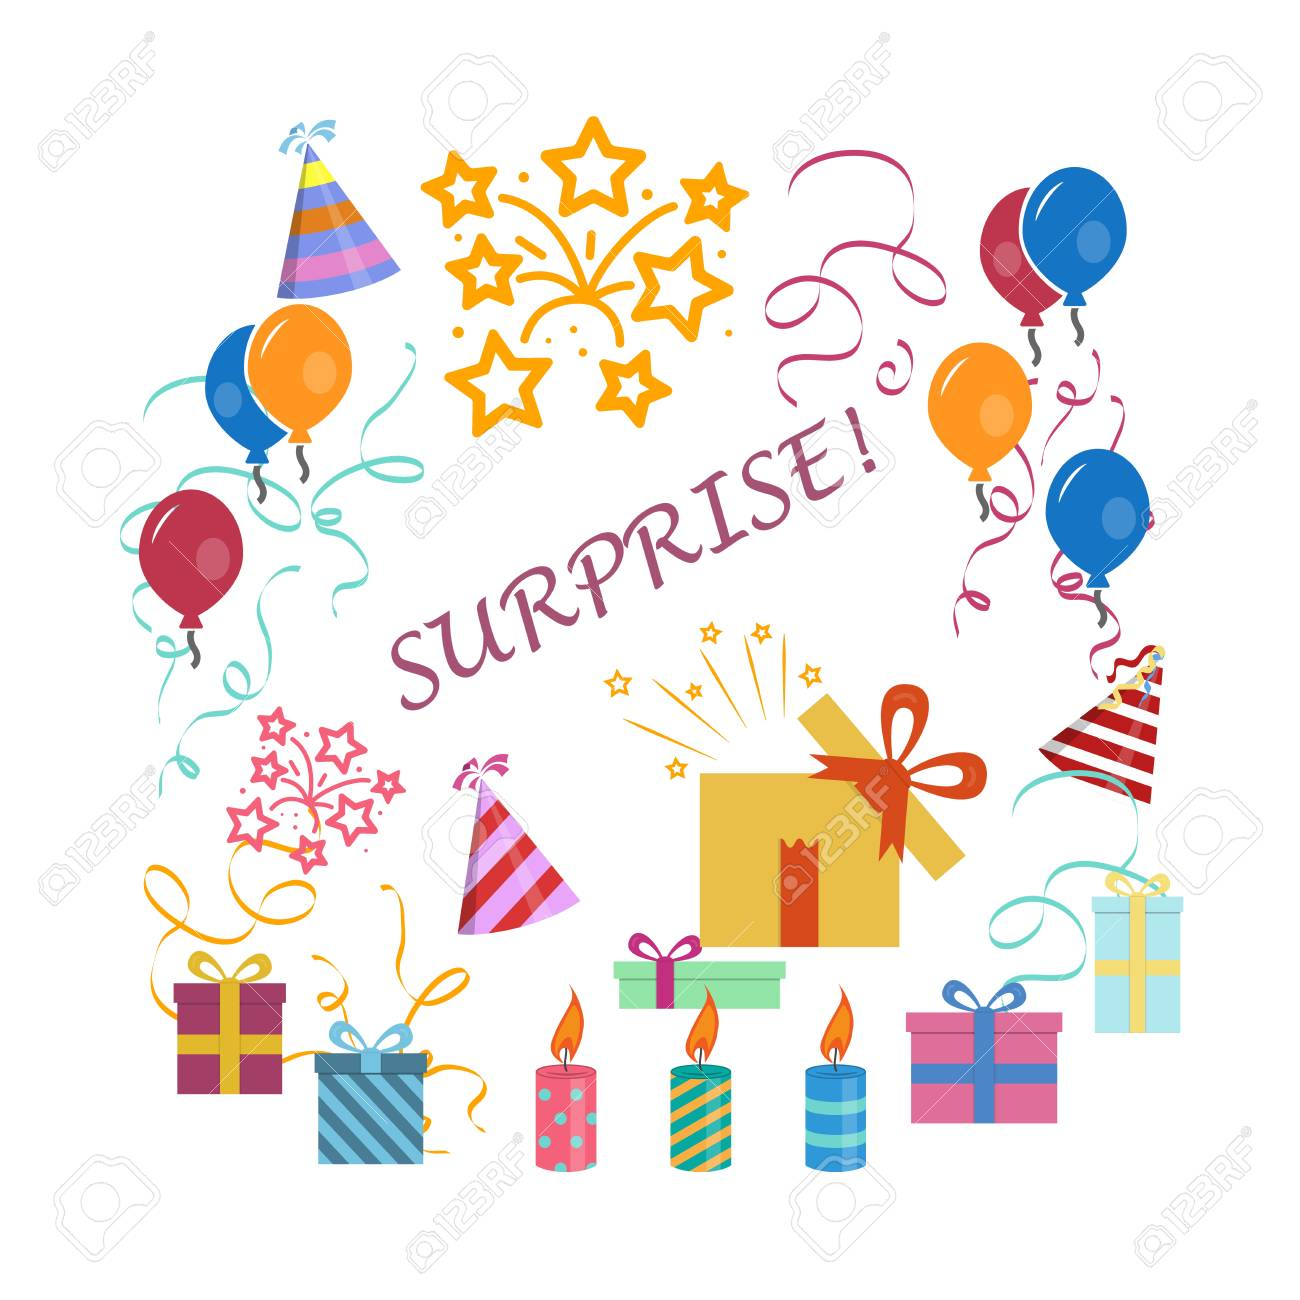 Ilustración De La Trama De La Tarjeta De Felicitación Para Cumpleaños Cartel De Invitación Sorpresa Feliz Cumpleaños Celebración De Objetos Y